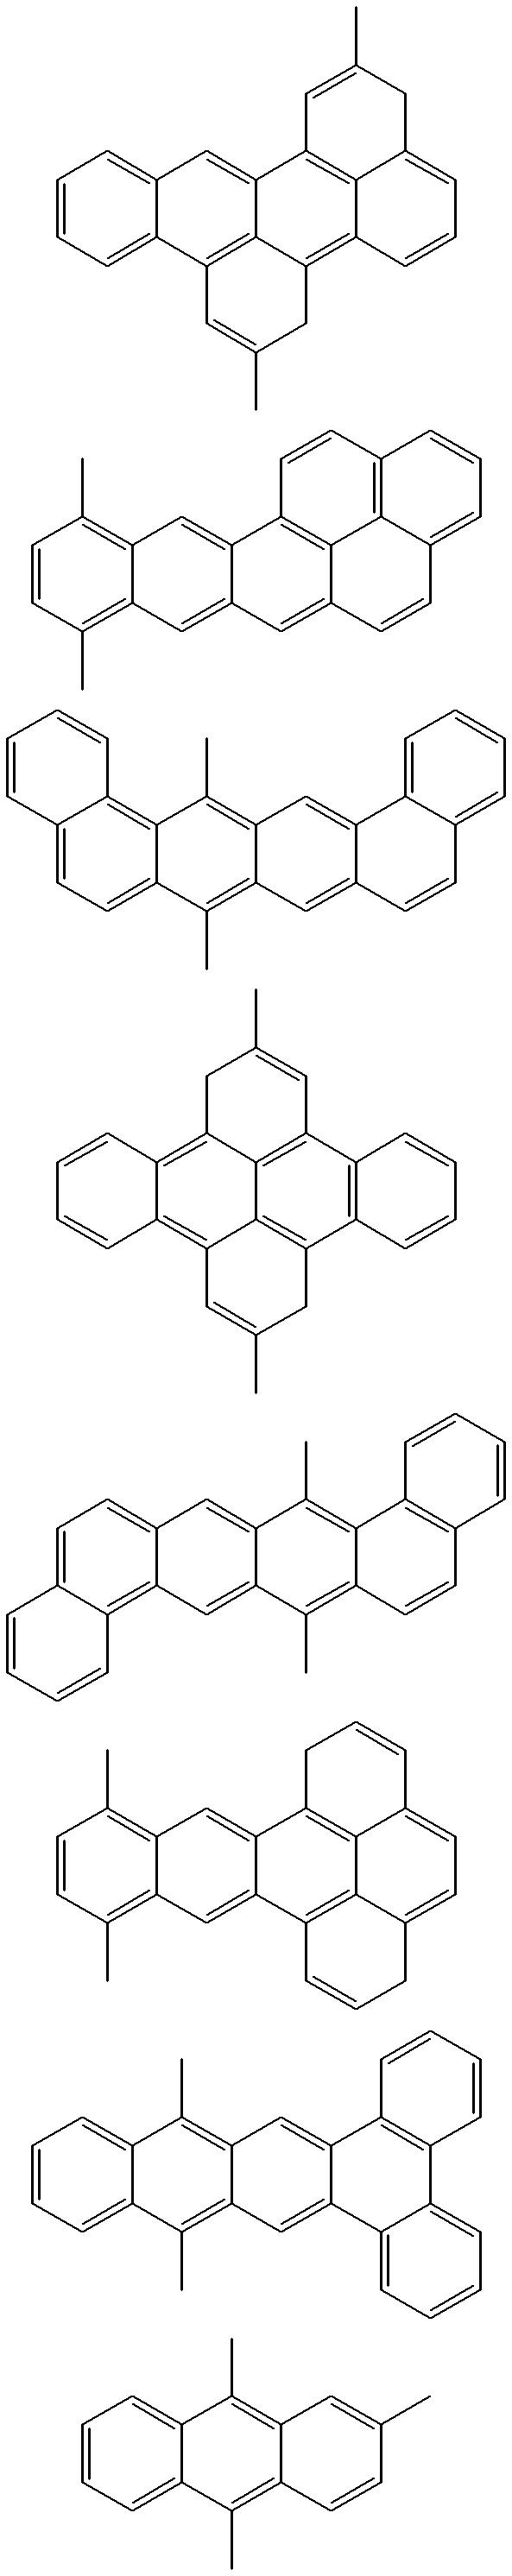 Figure US06203933-20010320-C00004